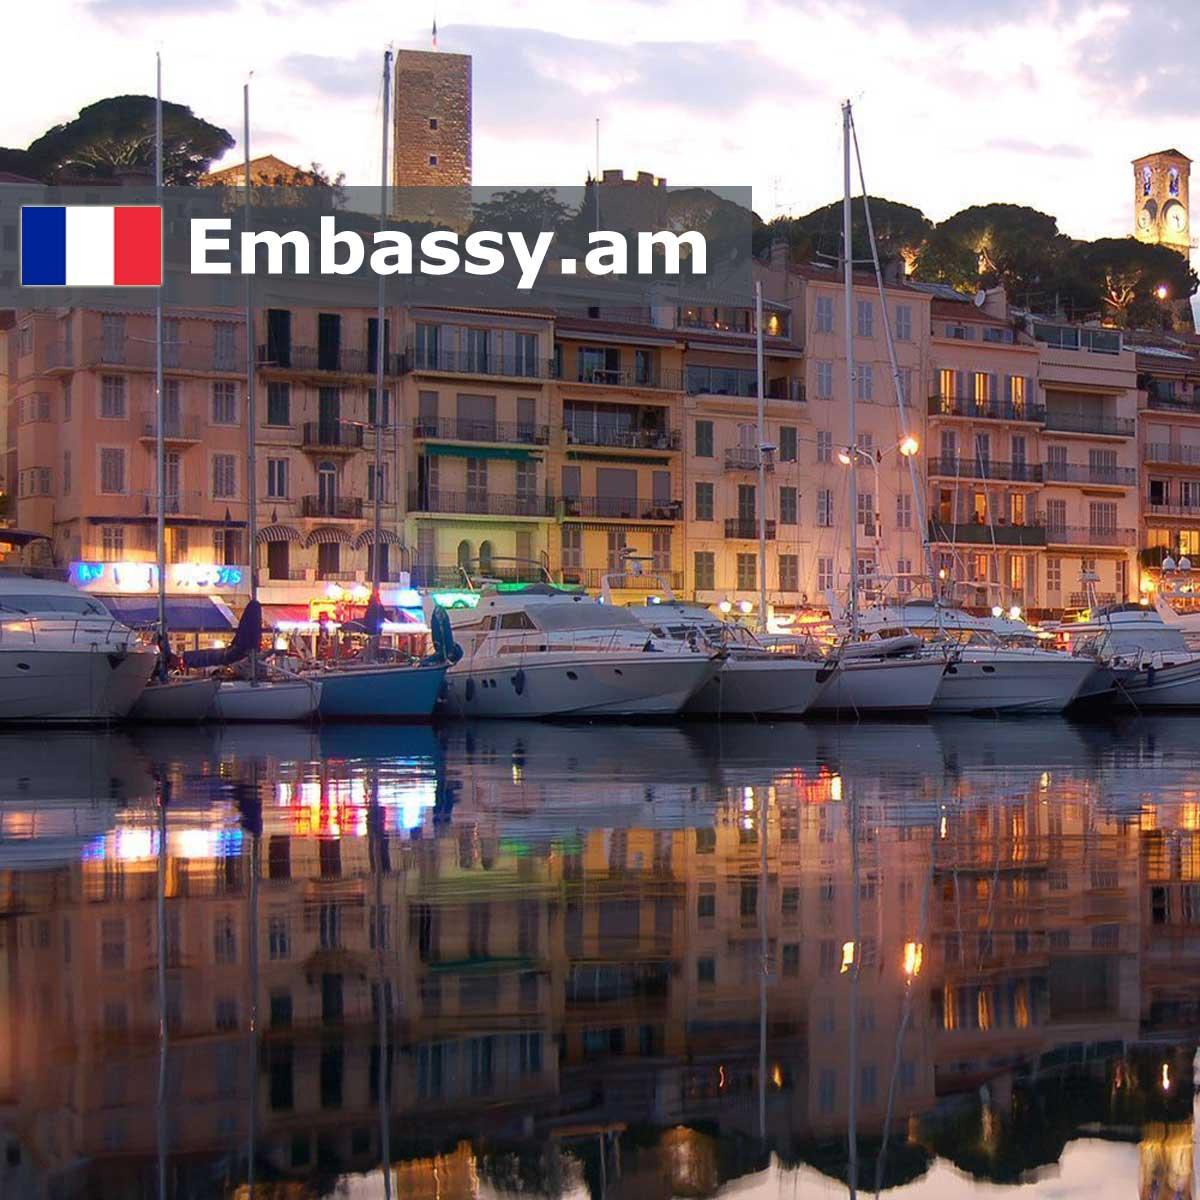 Канны - Отели во Франции - Embassy.am